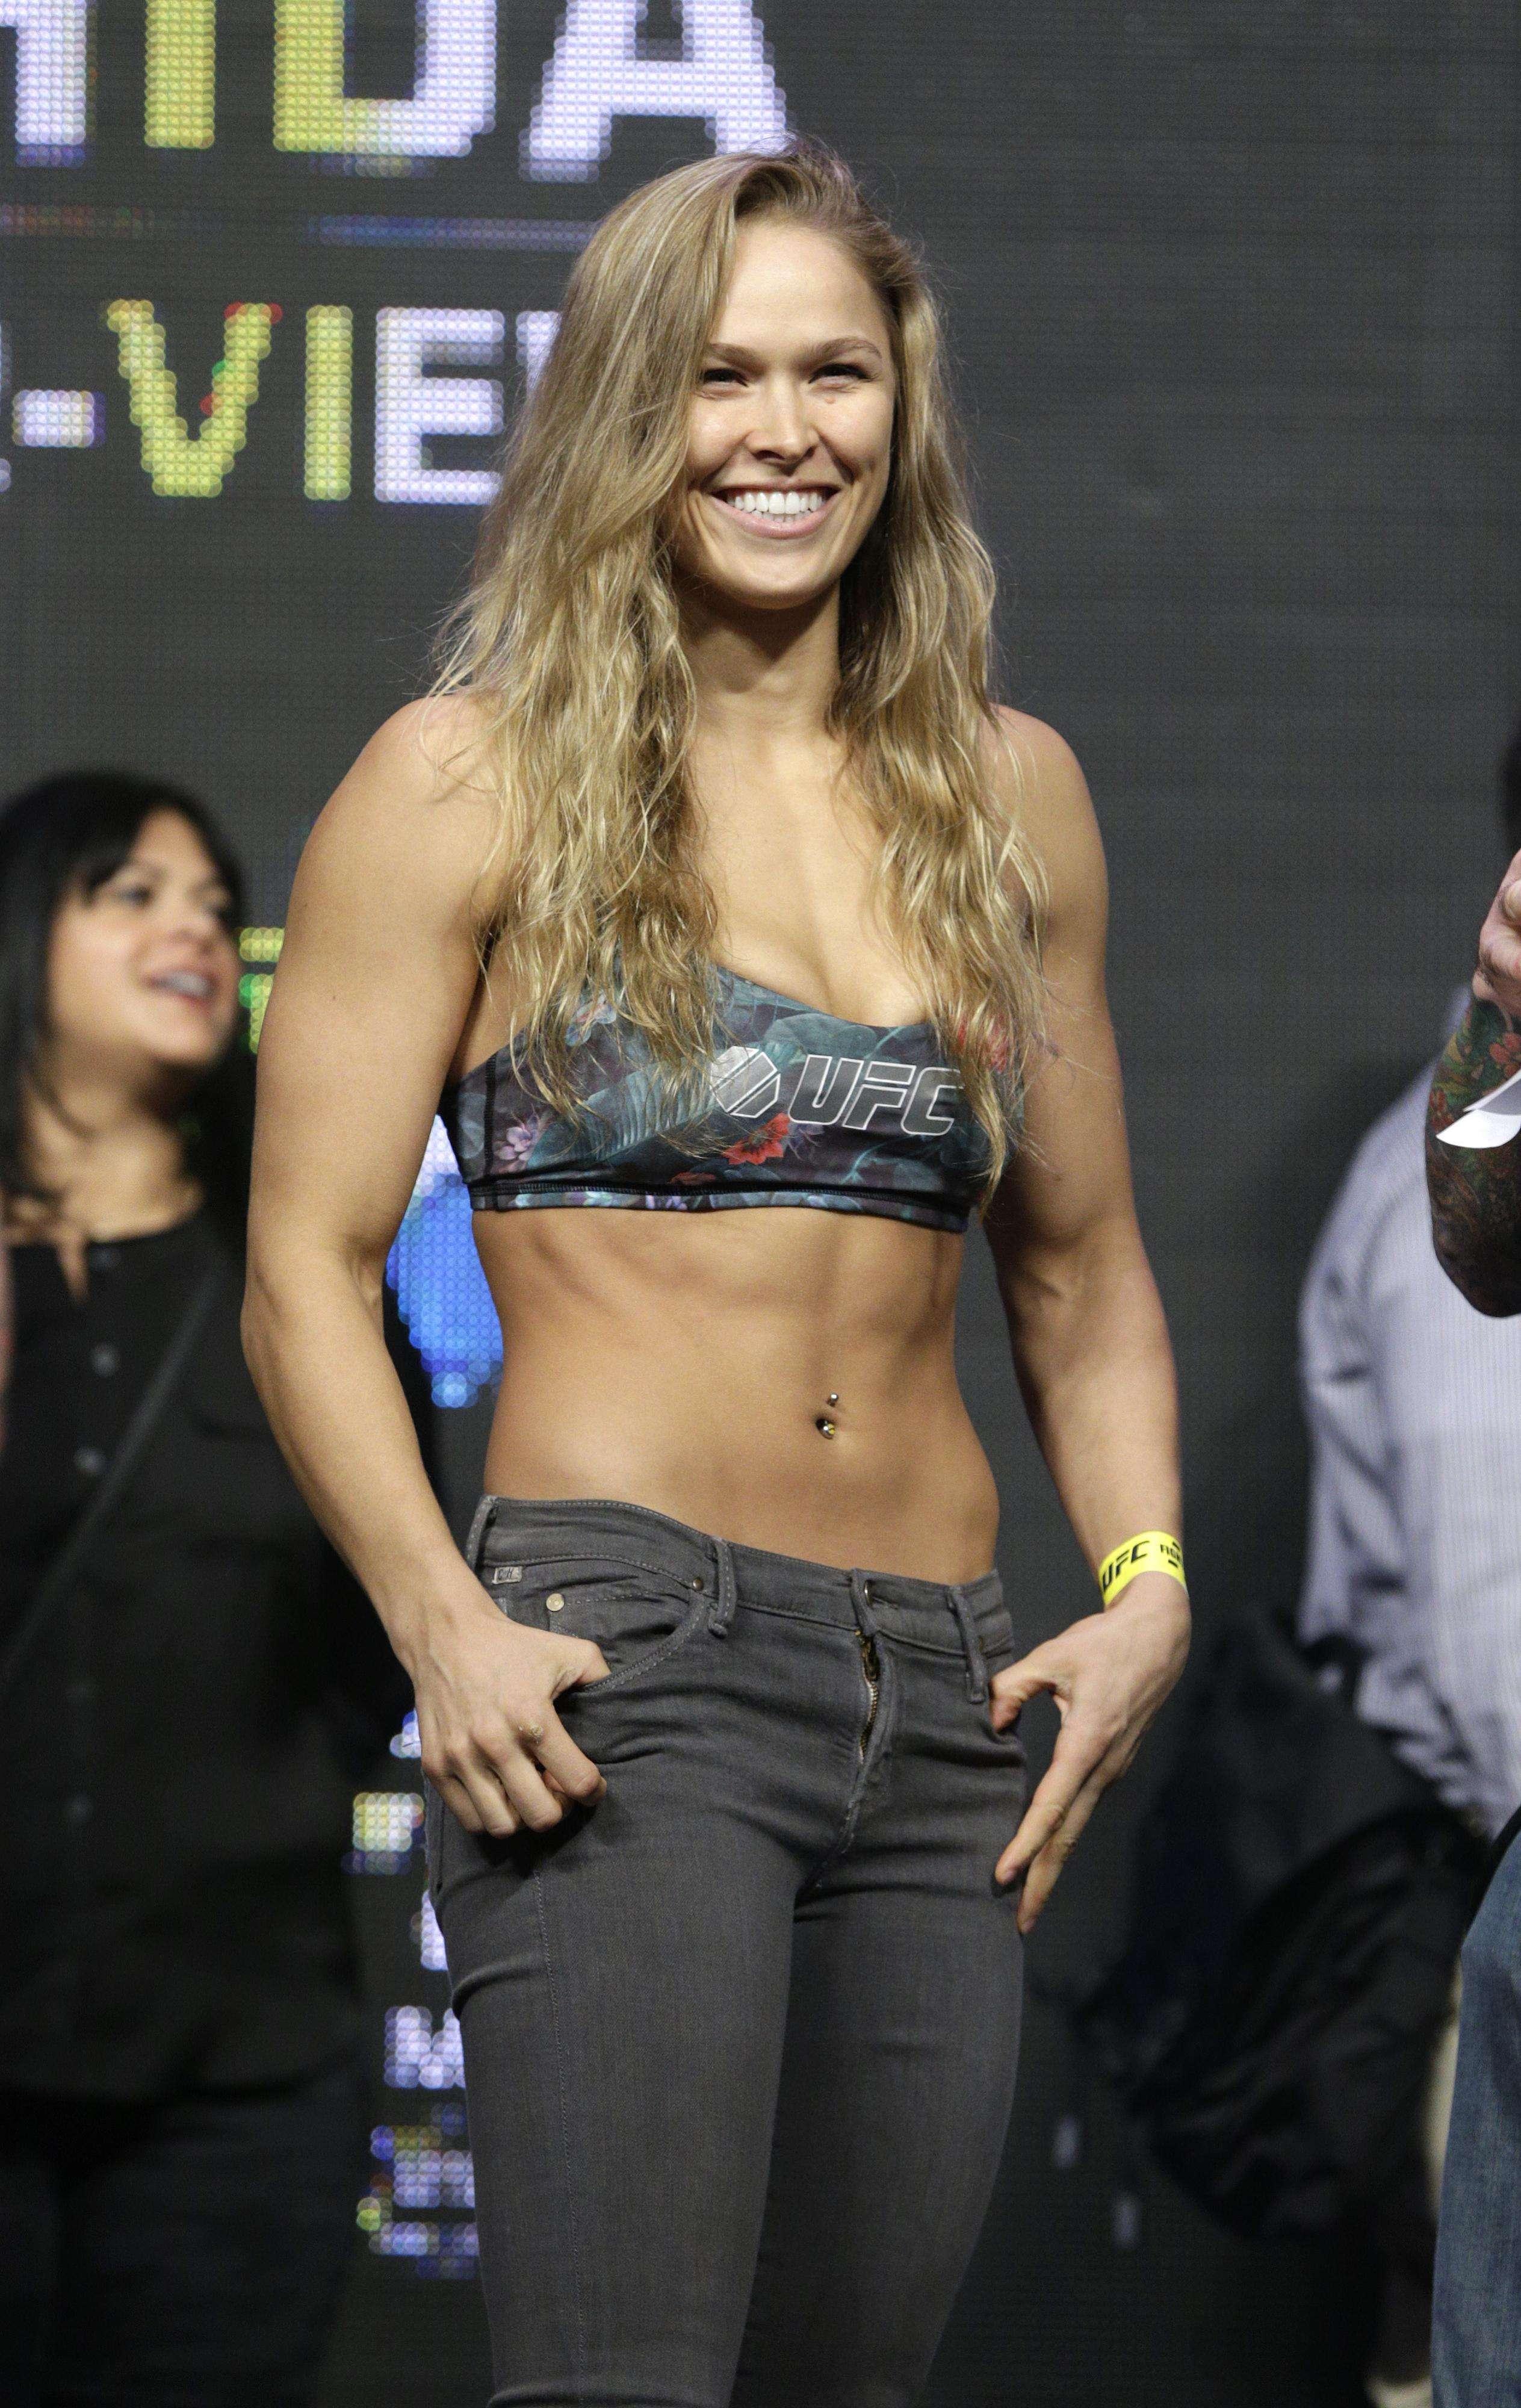 """Ronda Rousey se ha convertido en la peleadora de Artes Marciales Mixtas más famosas del UFC. Es dominante, poderosa, va invicta y no solo eso, posee una belleza sin igual, cualidades que la han catapultado a otras facetas fuera de lo deportivo pues ha sido invitada a posar en revistas para caballeros y además, debutó como actriz. Conoce un poco más sobre """"Rowdy"""" Rousey: Foto: AP y Getty Images"""